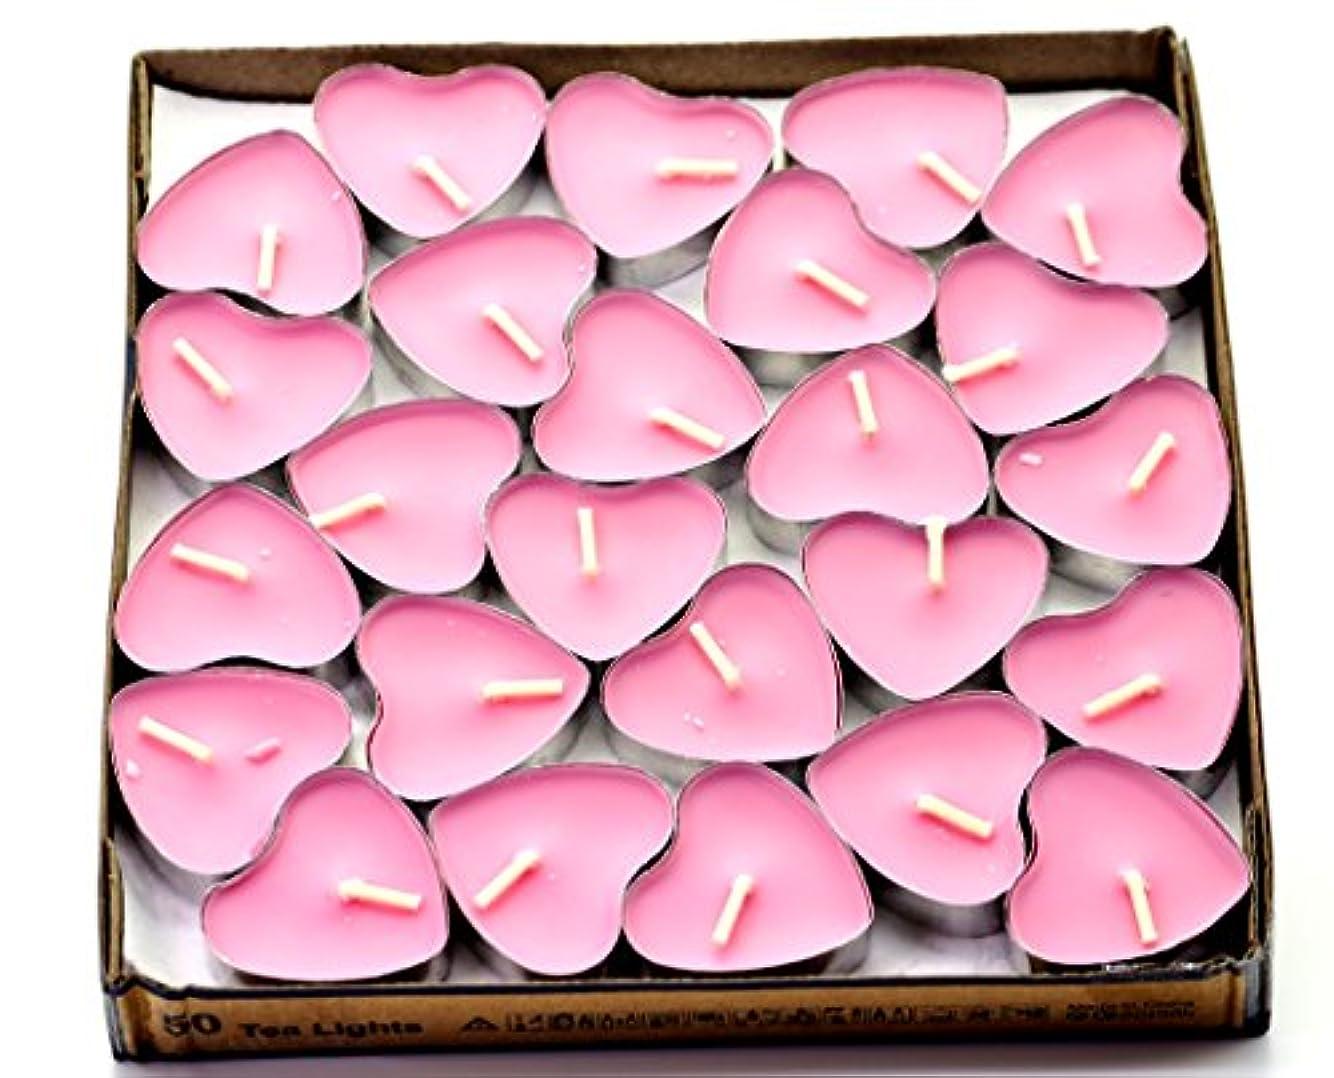 スポンジクスクス操縦する(Pink(rose)) - Creationtop Scented Candles Tea Lights Mini Hearts Home Decor Aroma Candles Set of 50 pcs mini...